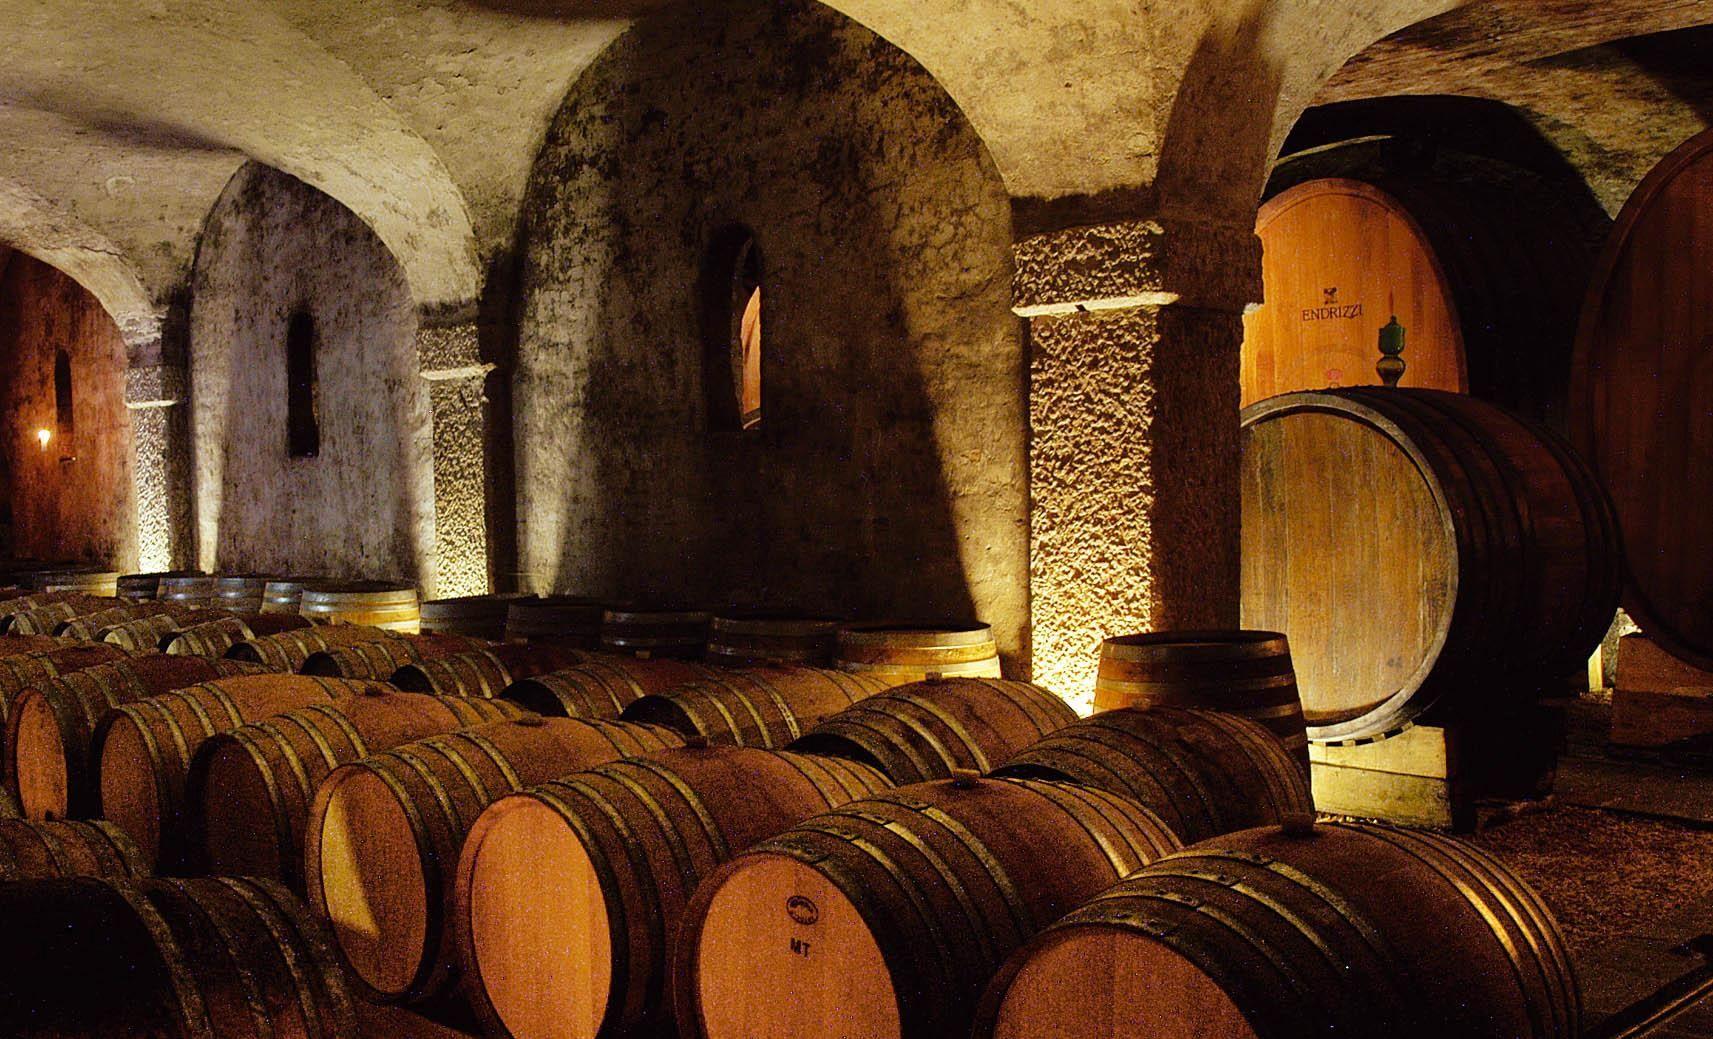 Interno della cantina Endrizzi a San Michele all'Adige